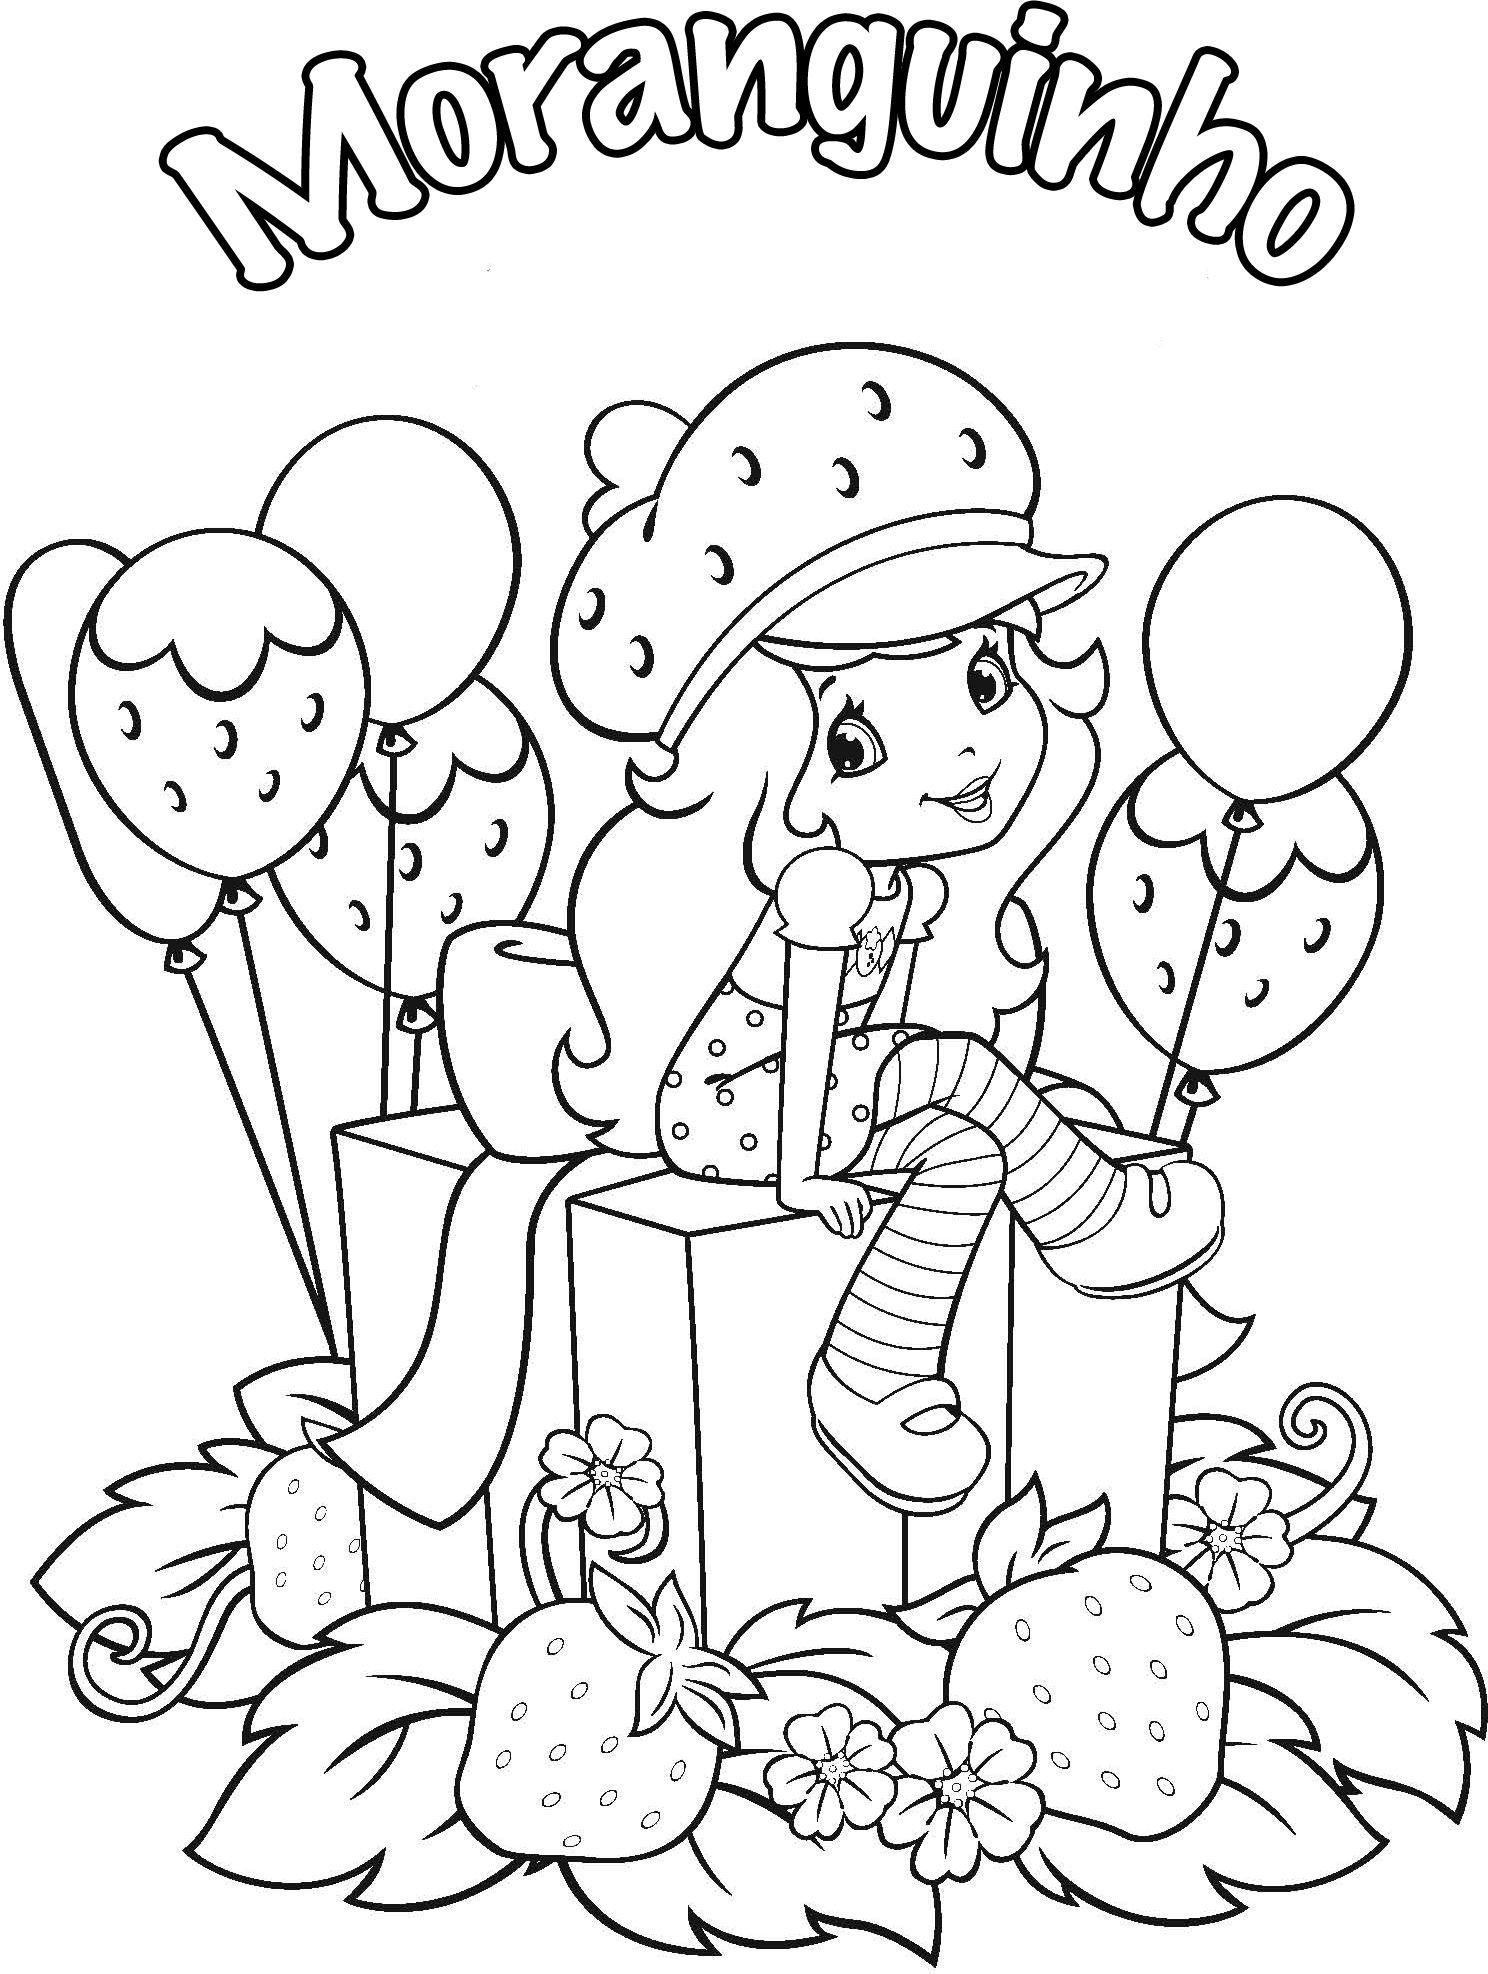 desenho para colorir de meninas - Pesquisa Google